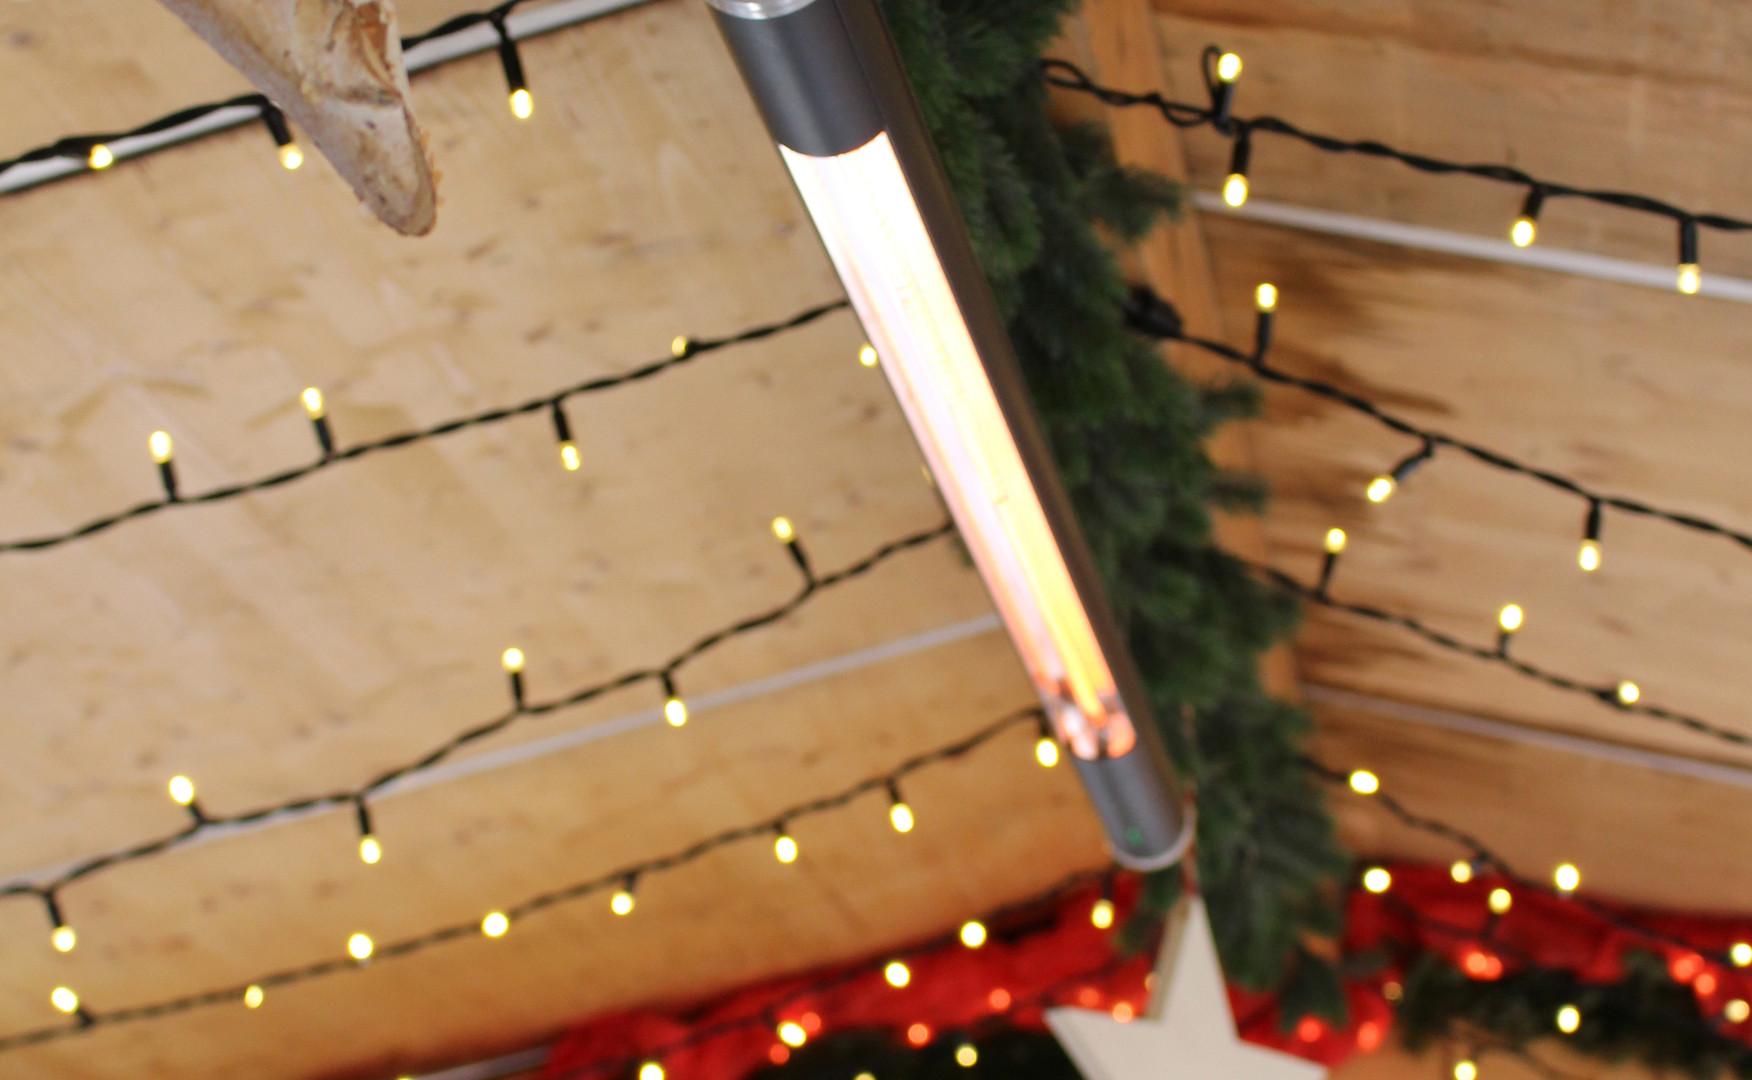 Heat Tube Weihnachtsmarkt1_druck.jpg